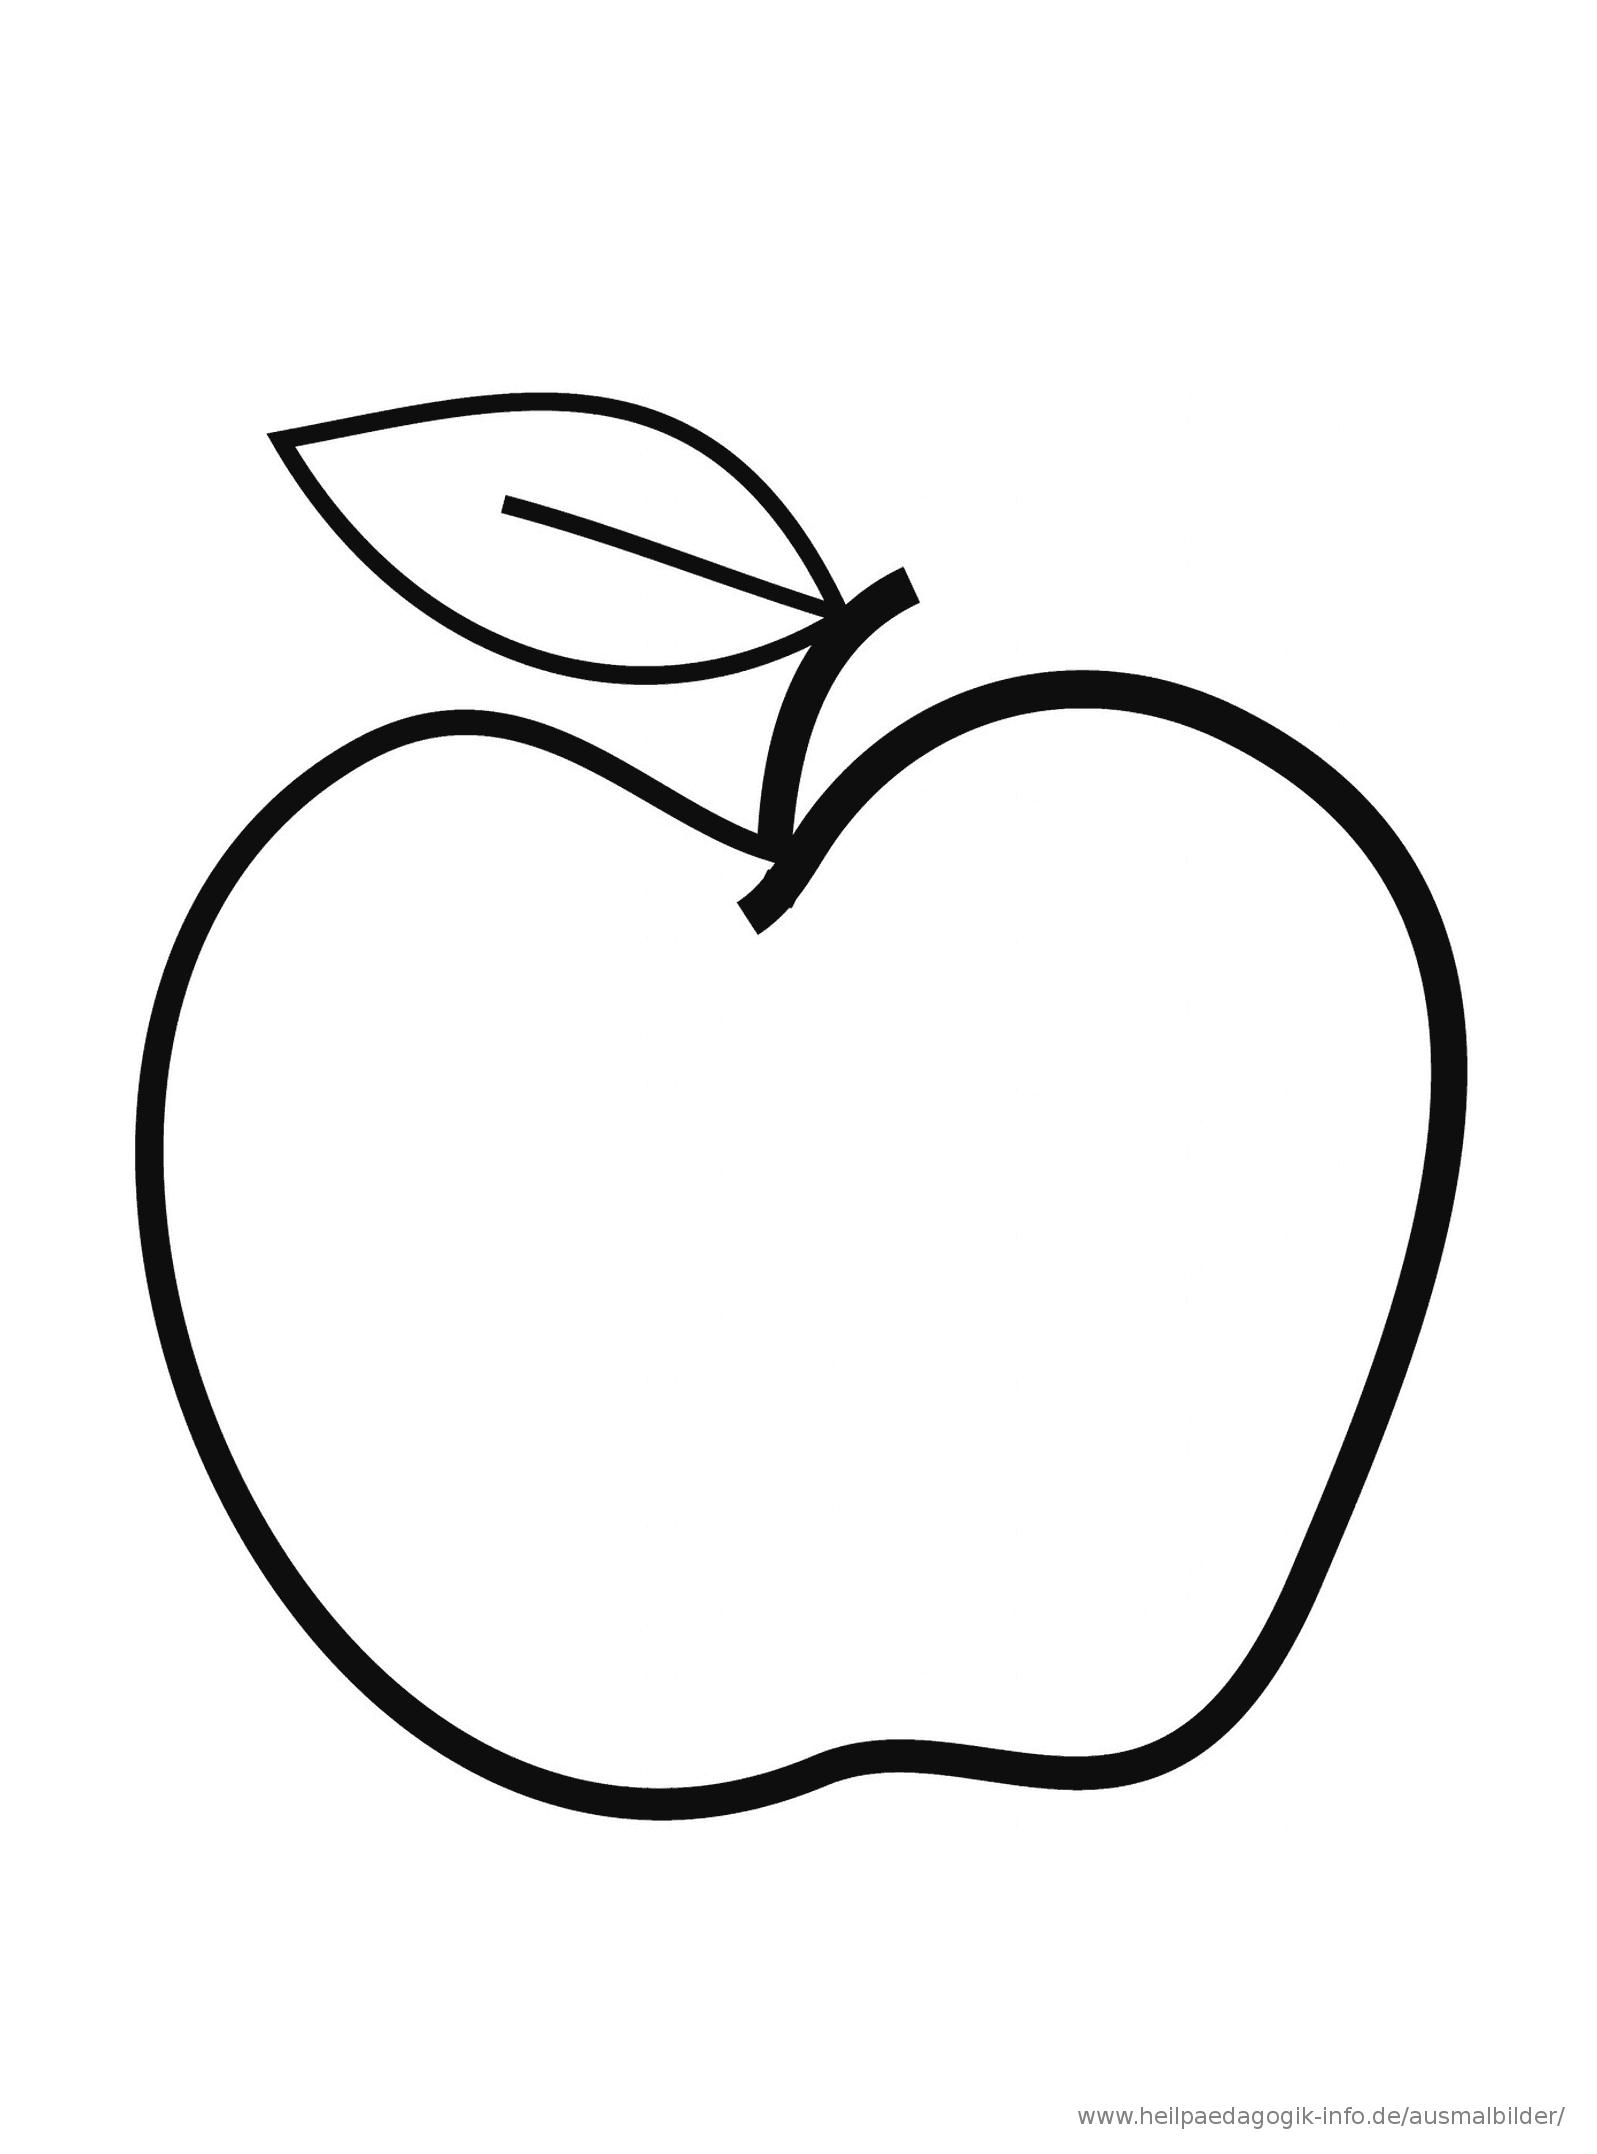 Malvorlage Apfel | Malvorlagen, Ausmalbilder, Ausmalen bei Apfel Ausmalbilder